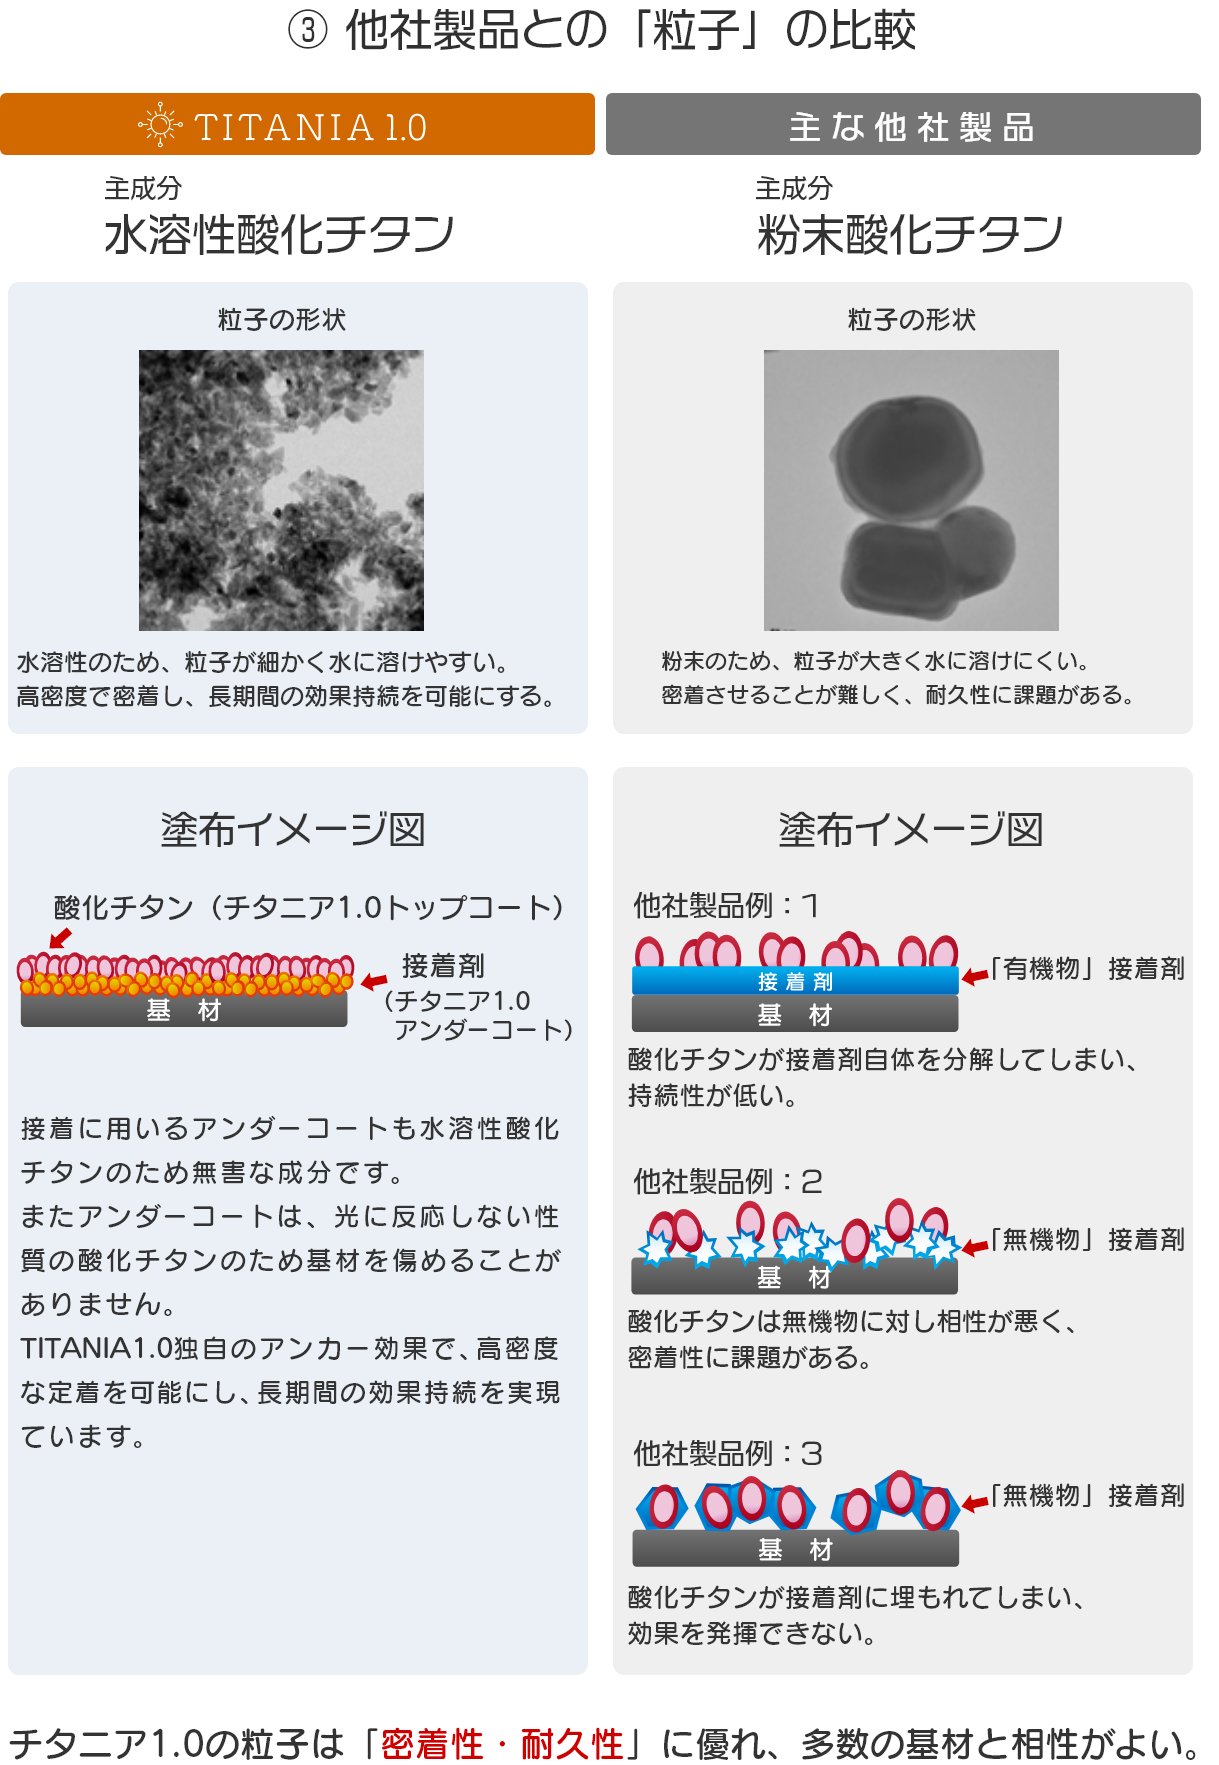 他社製品との「粒子」の比較